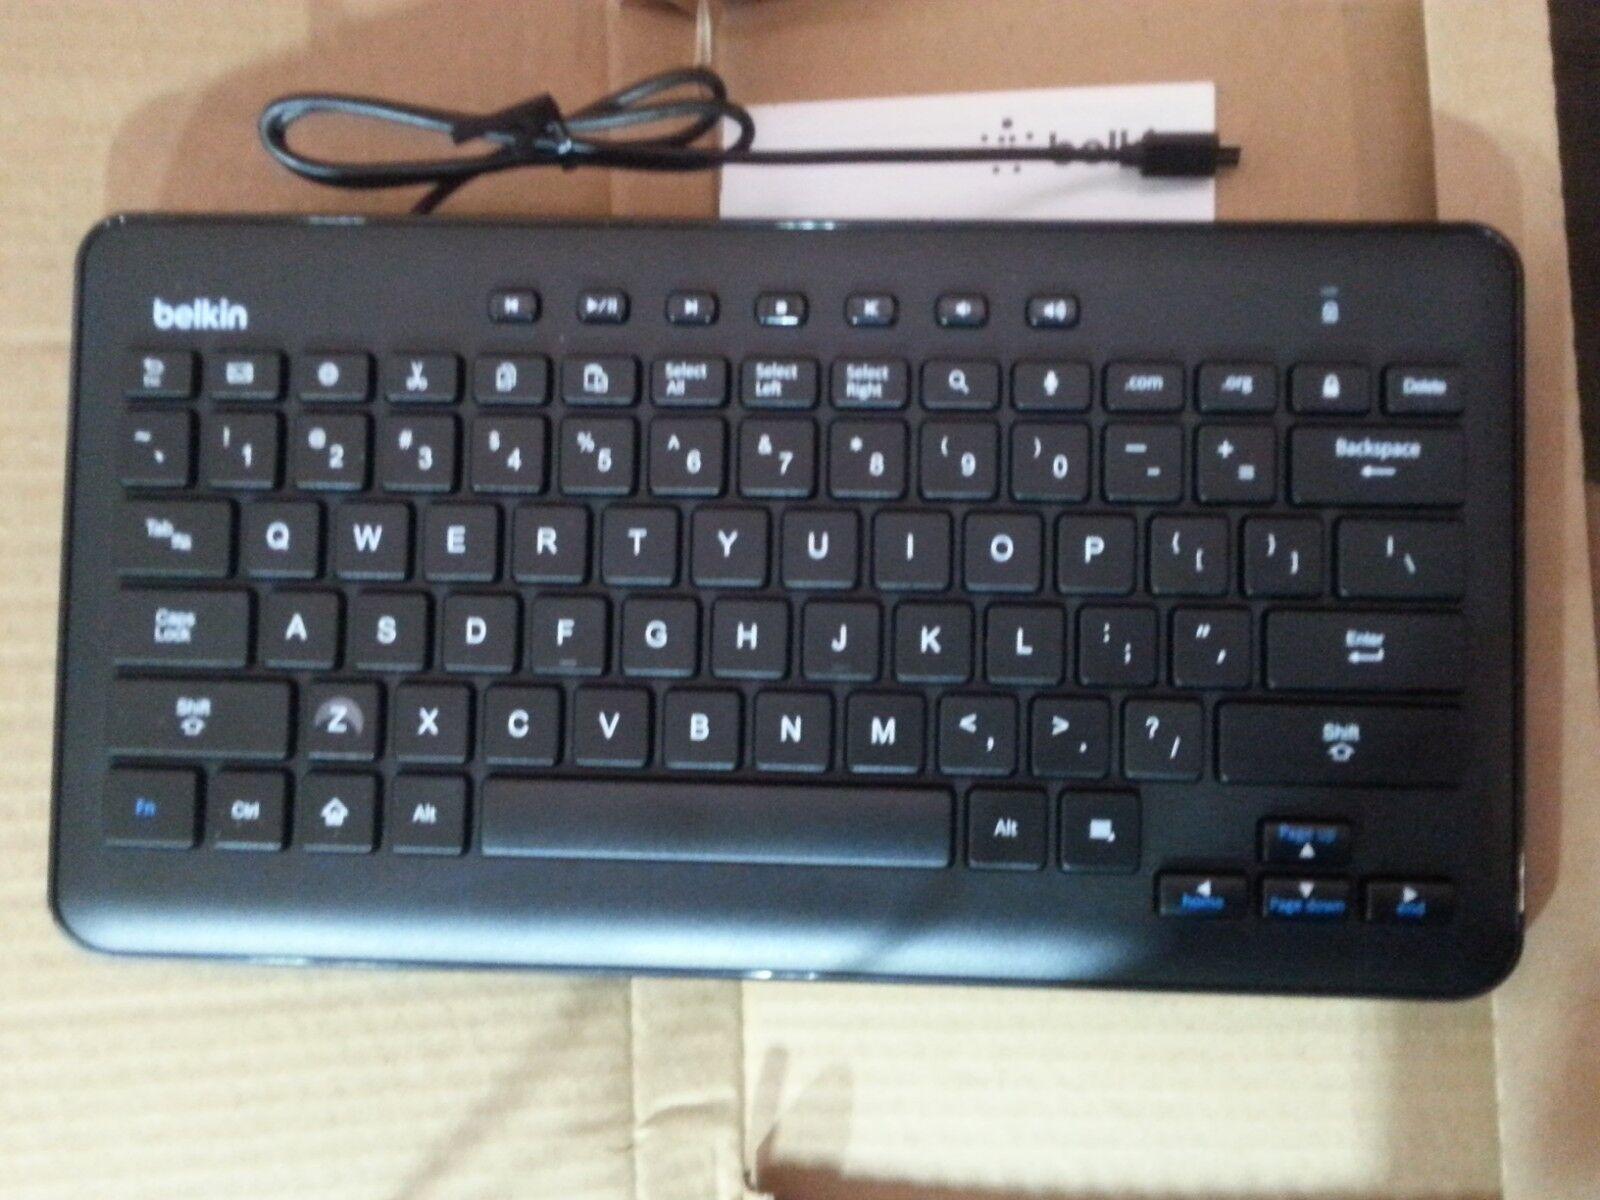 BELKIN Keyboard Keyboard